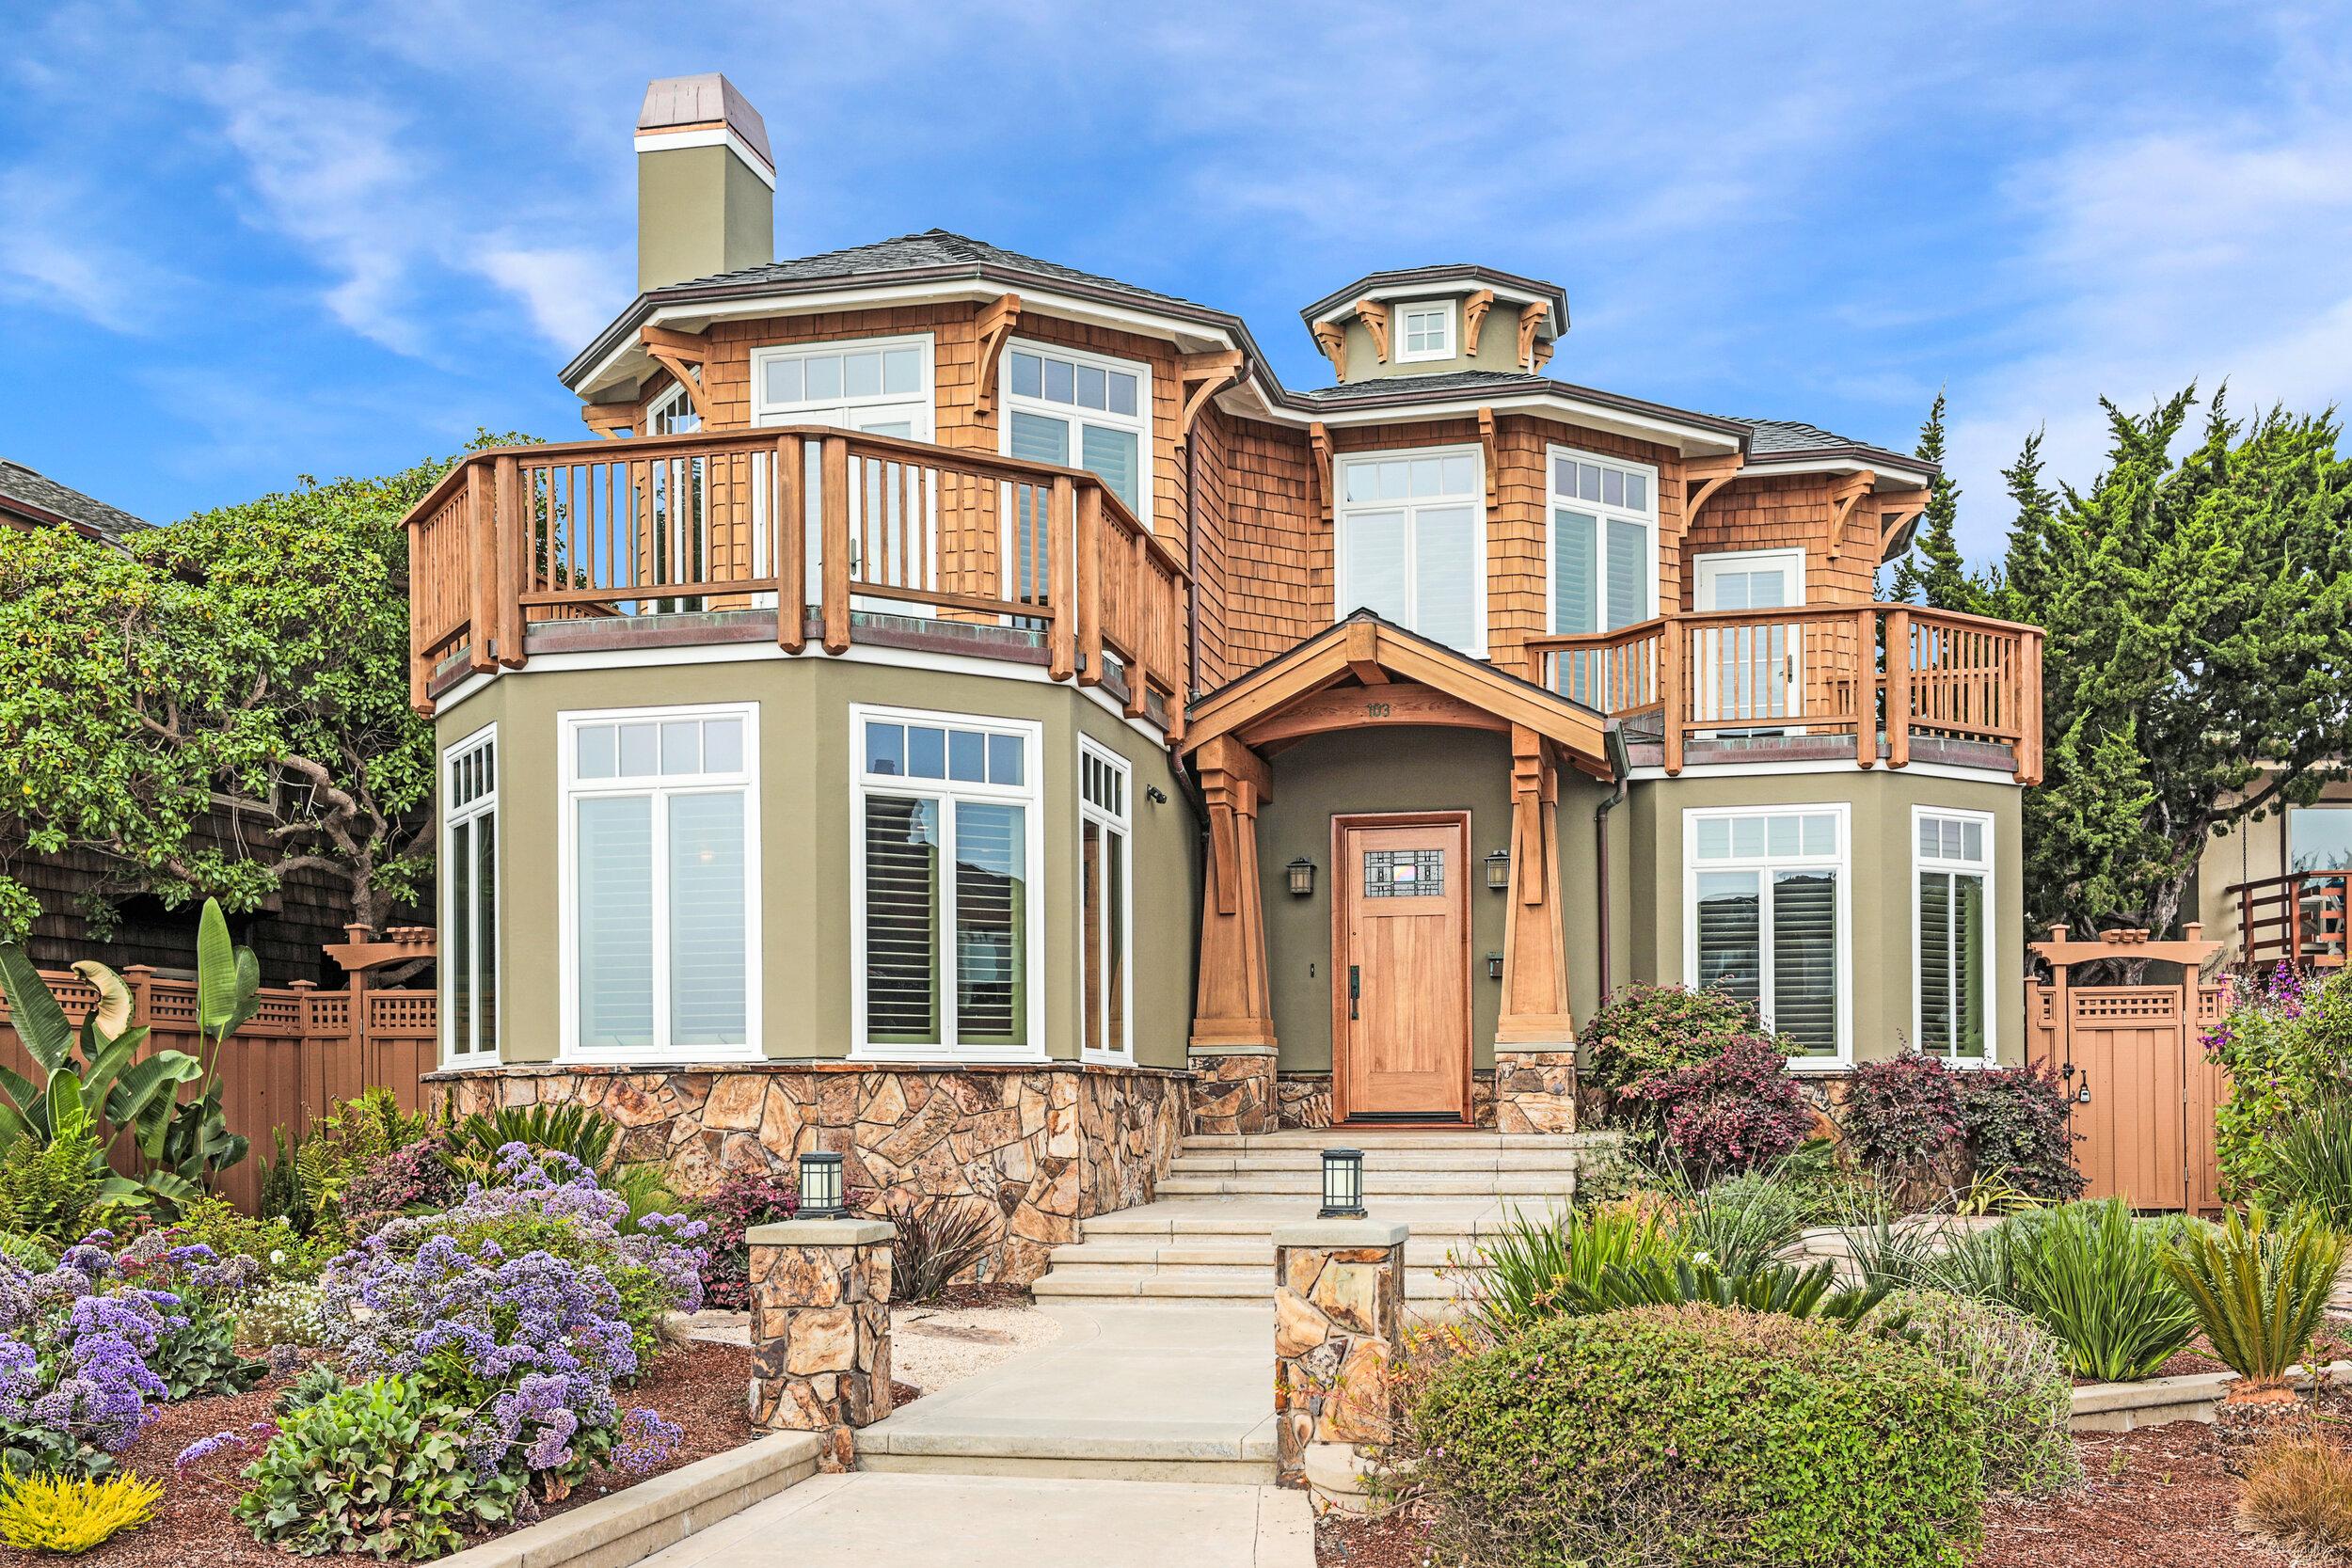 103 Auburn Ave, Santa Cruz - Asking $3,699,000